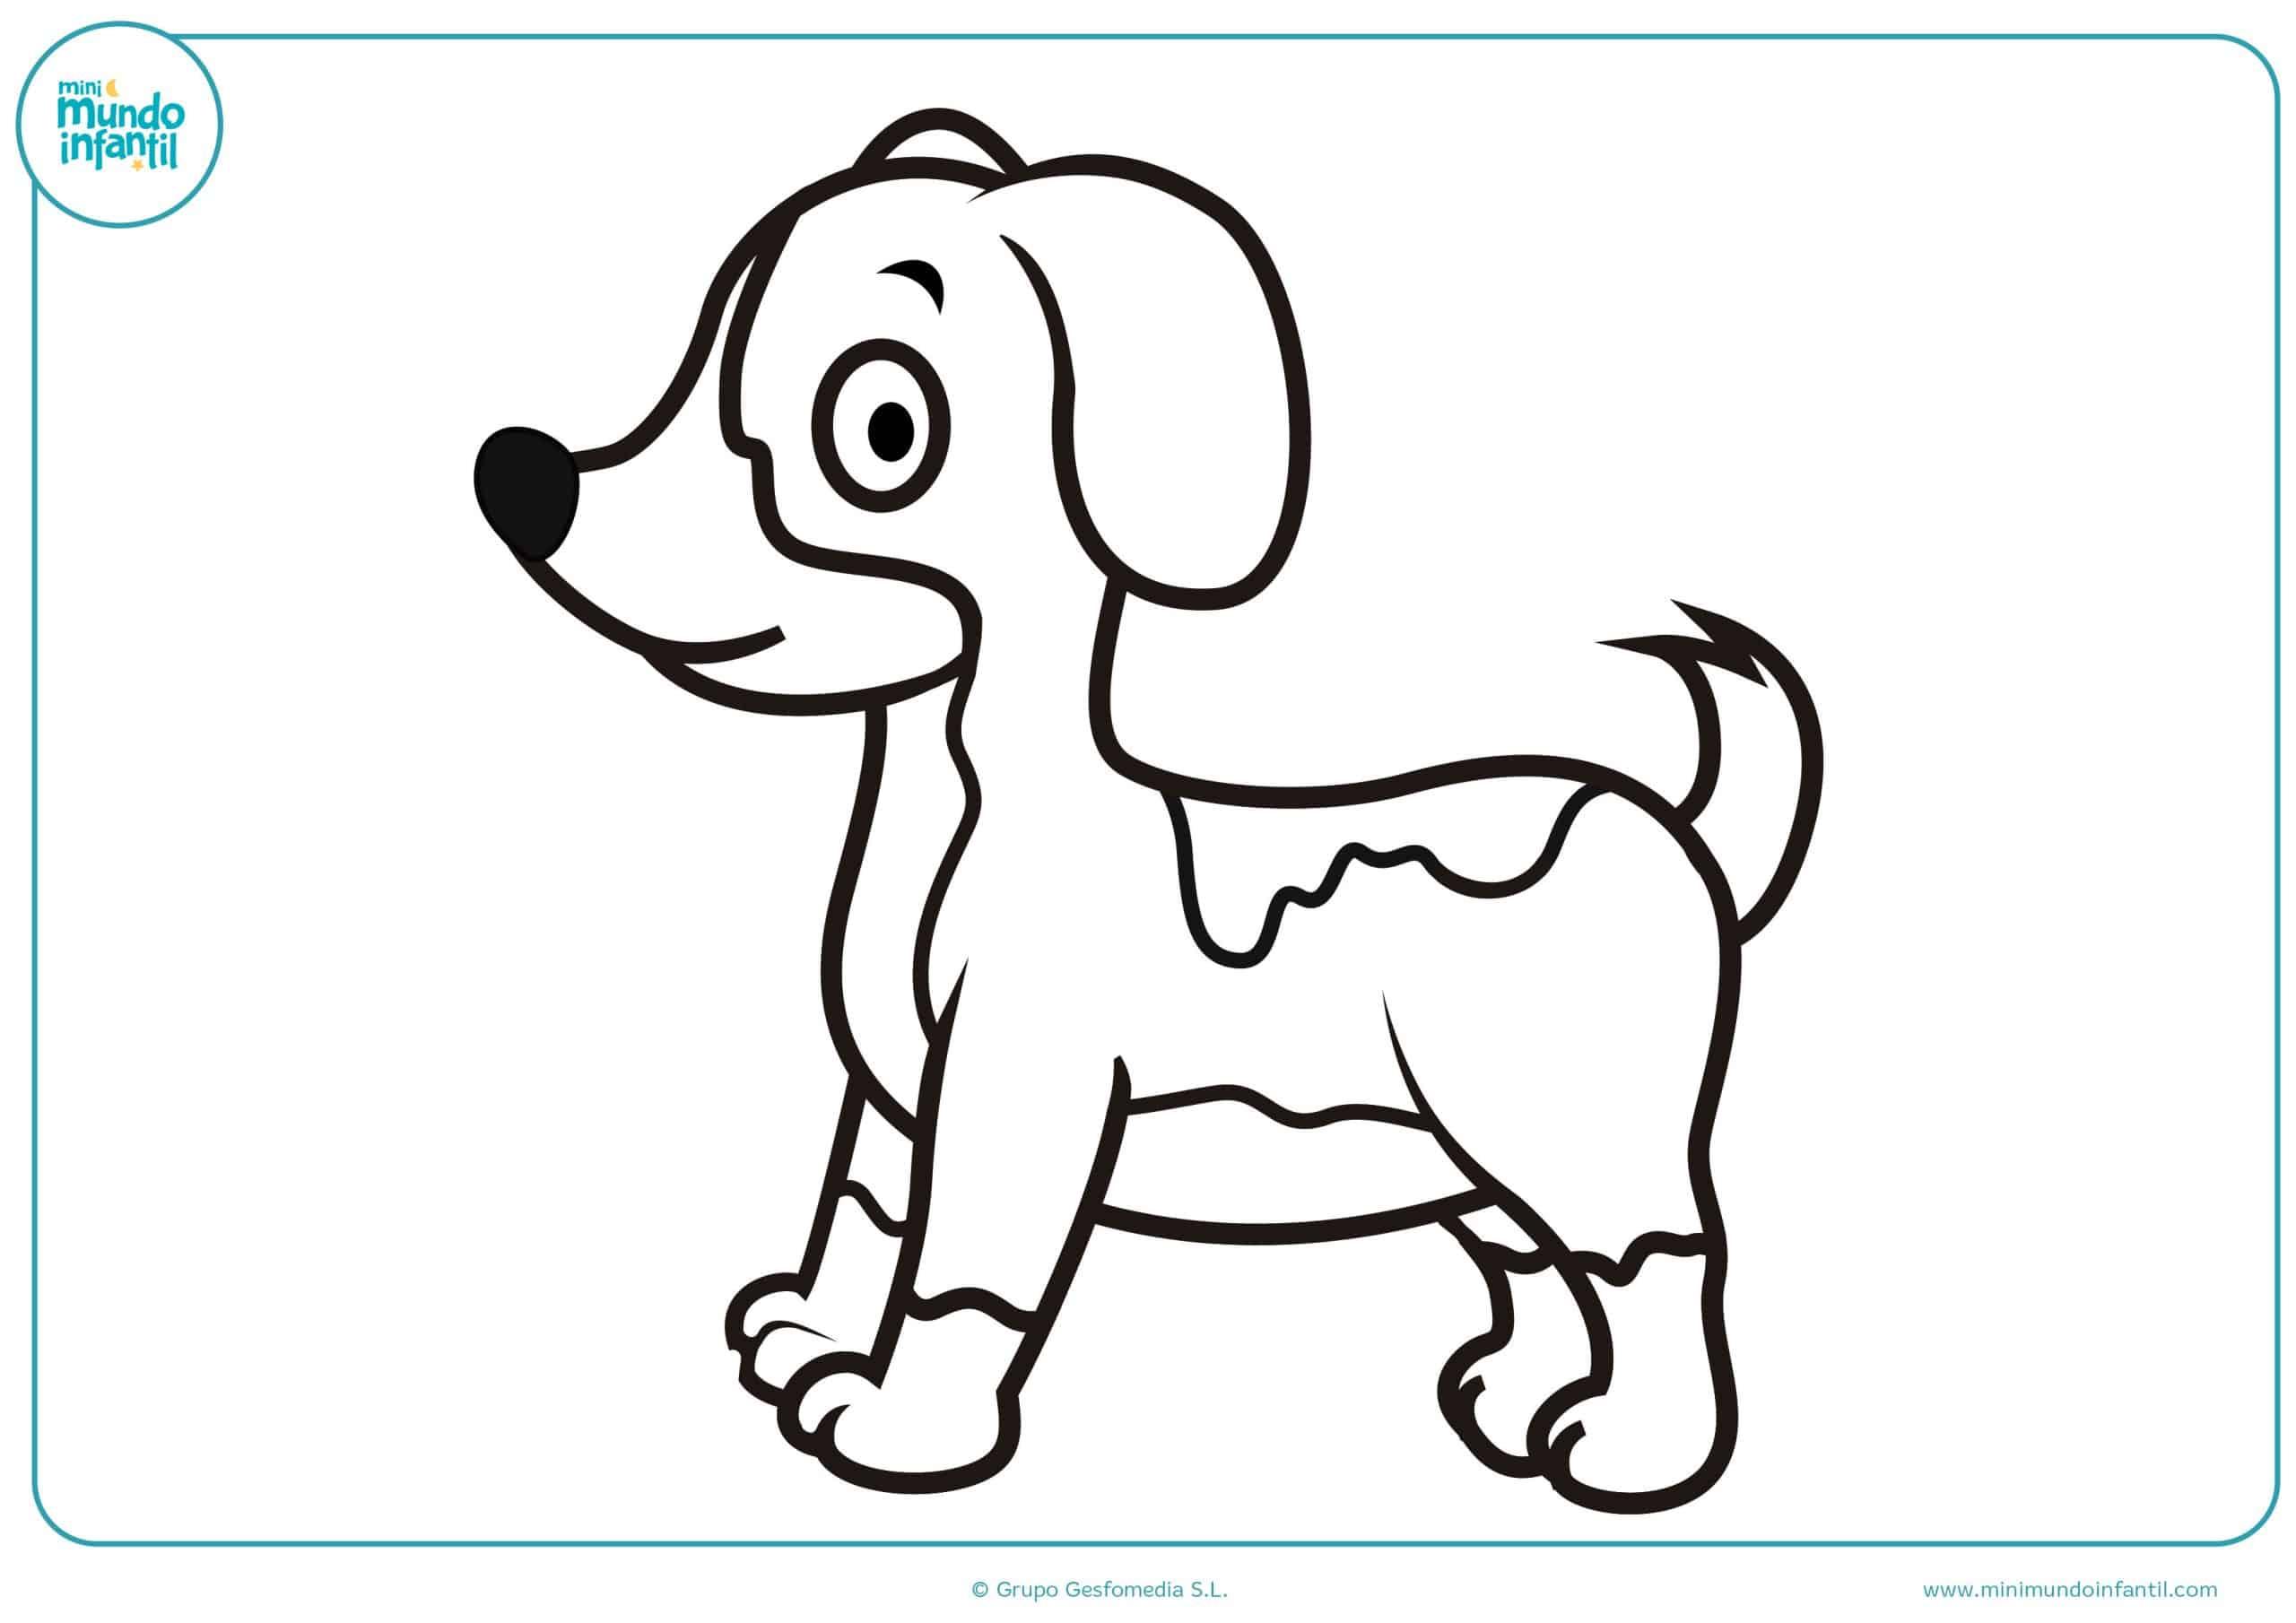 Dibujos Para Colorear Dibujos De Dragones Para Imprimir 4: Dibujos De Perros Para Colorear